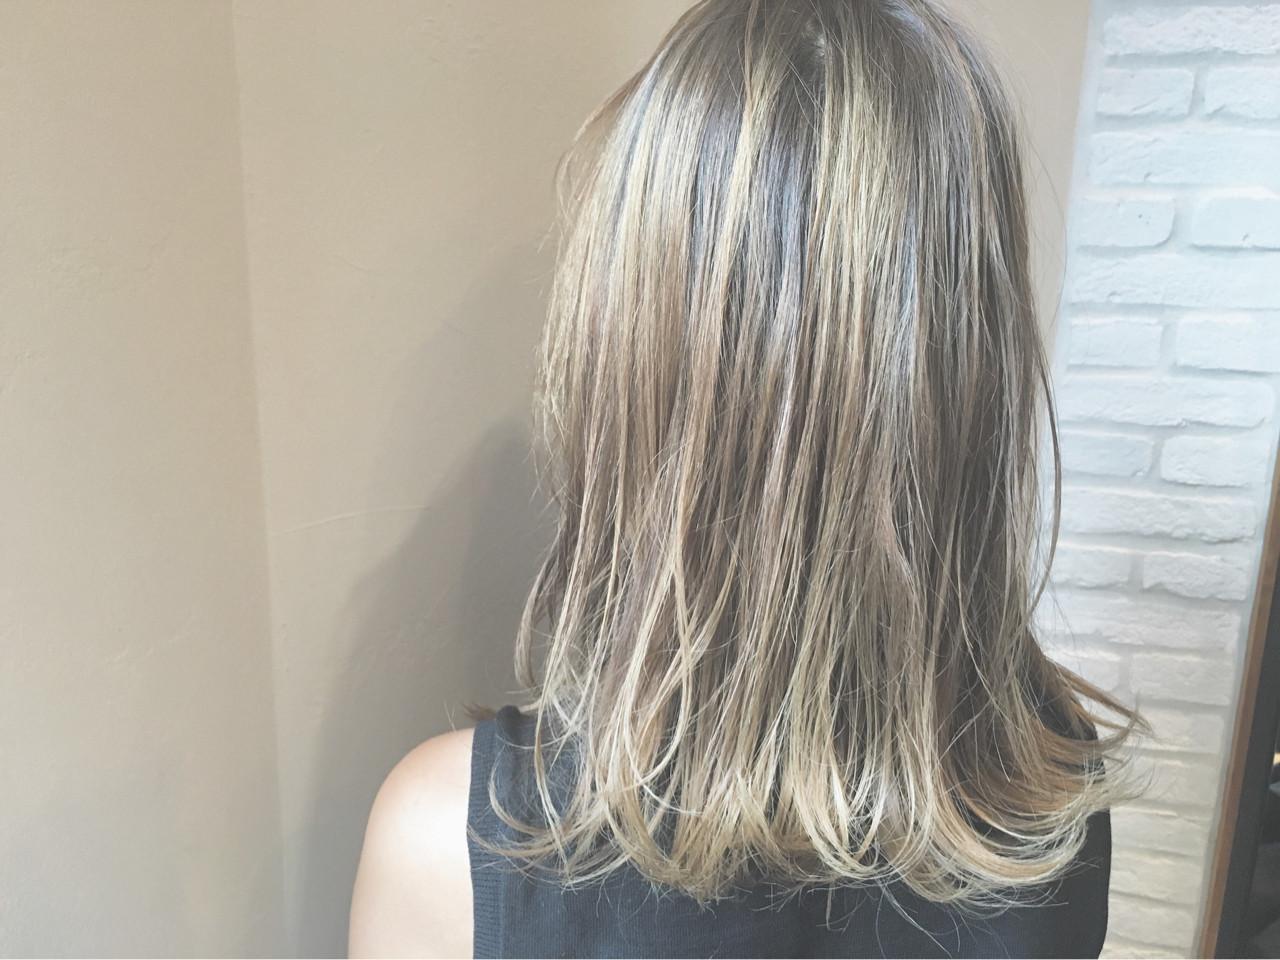 ハイトーン ガーリー グラデーションカラー ミディアム ヘアスタイルや髪型の写真・画像 | 須賀 ユウスケ / Rizm